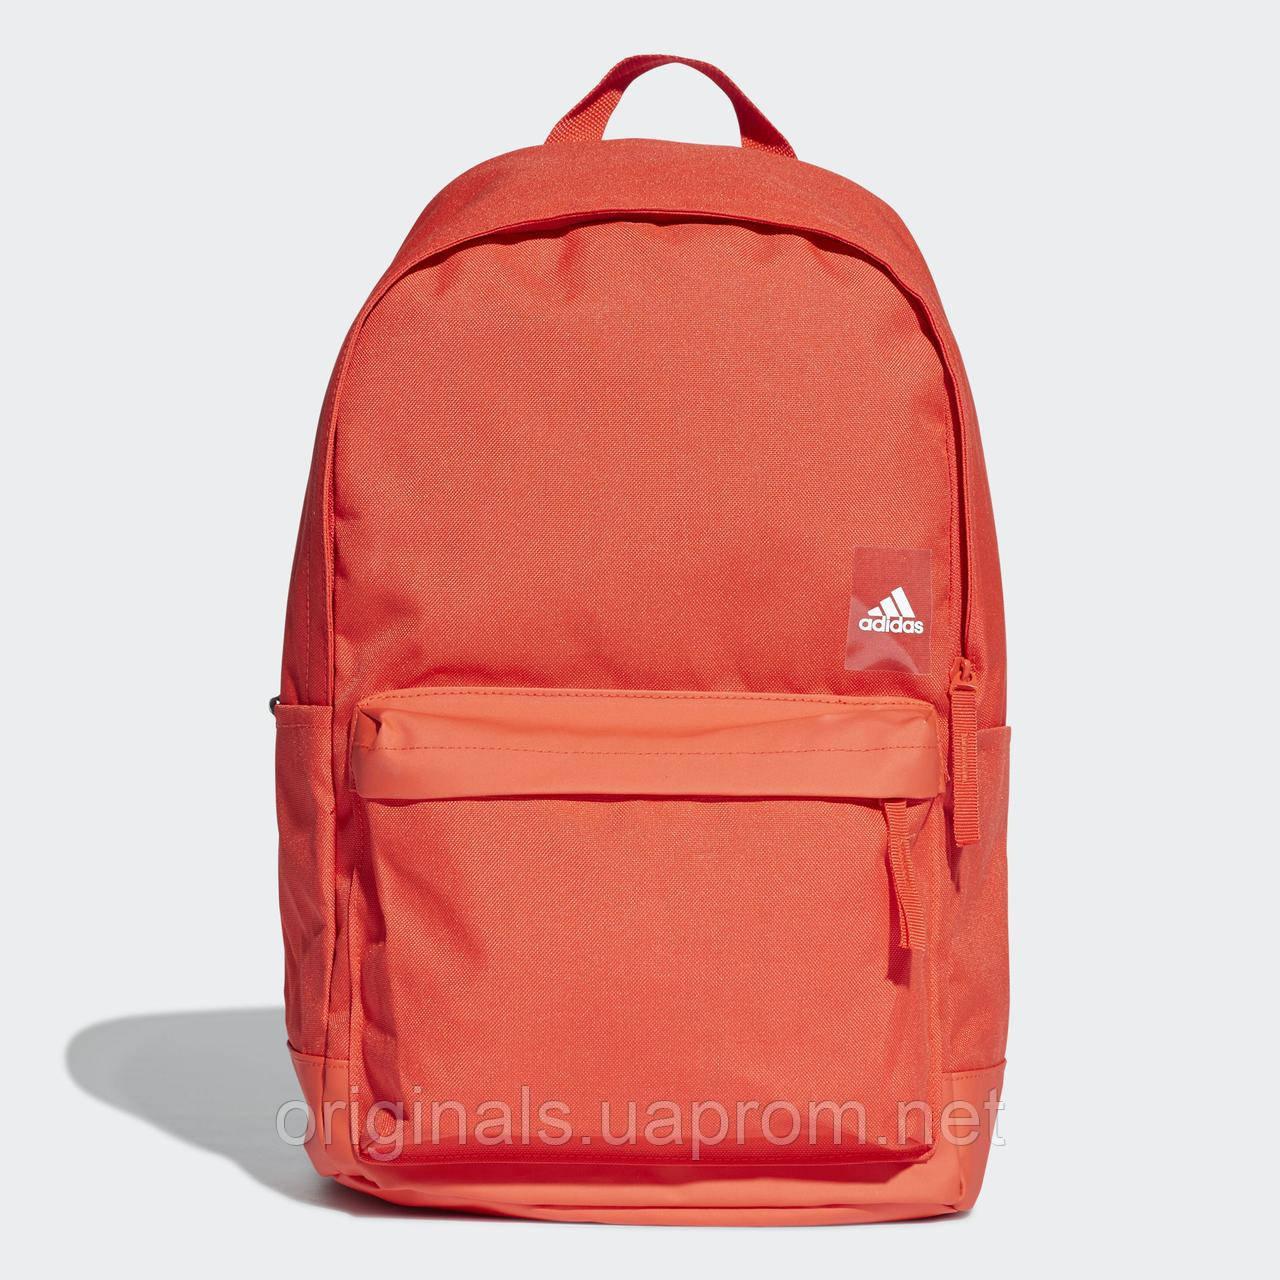 b4eb1ba4 Спортивный рюкзак Adidas Classic Pocket DT2613 - 2019 - интернет-магазин  Originals - Оригинальный Адидас